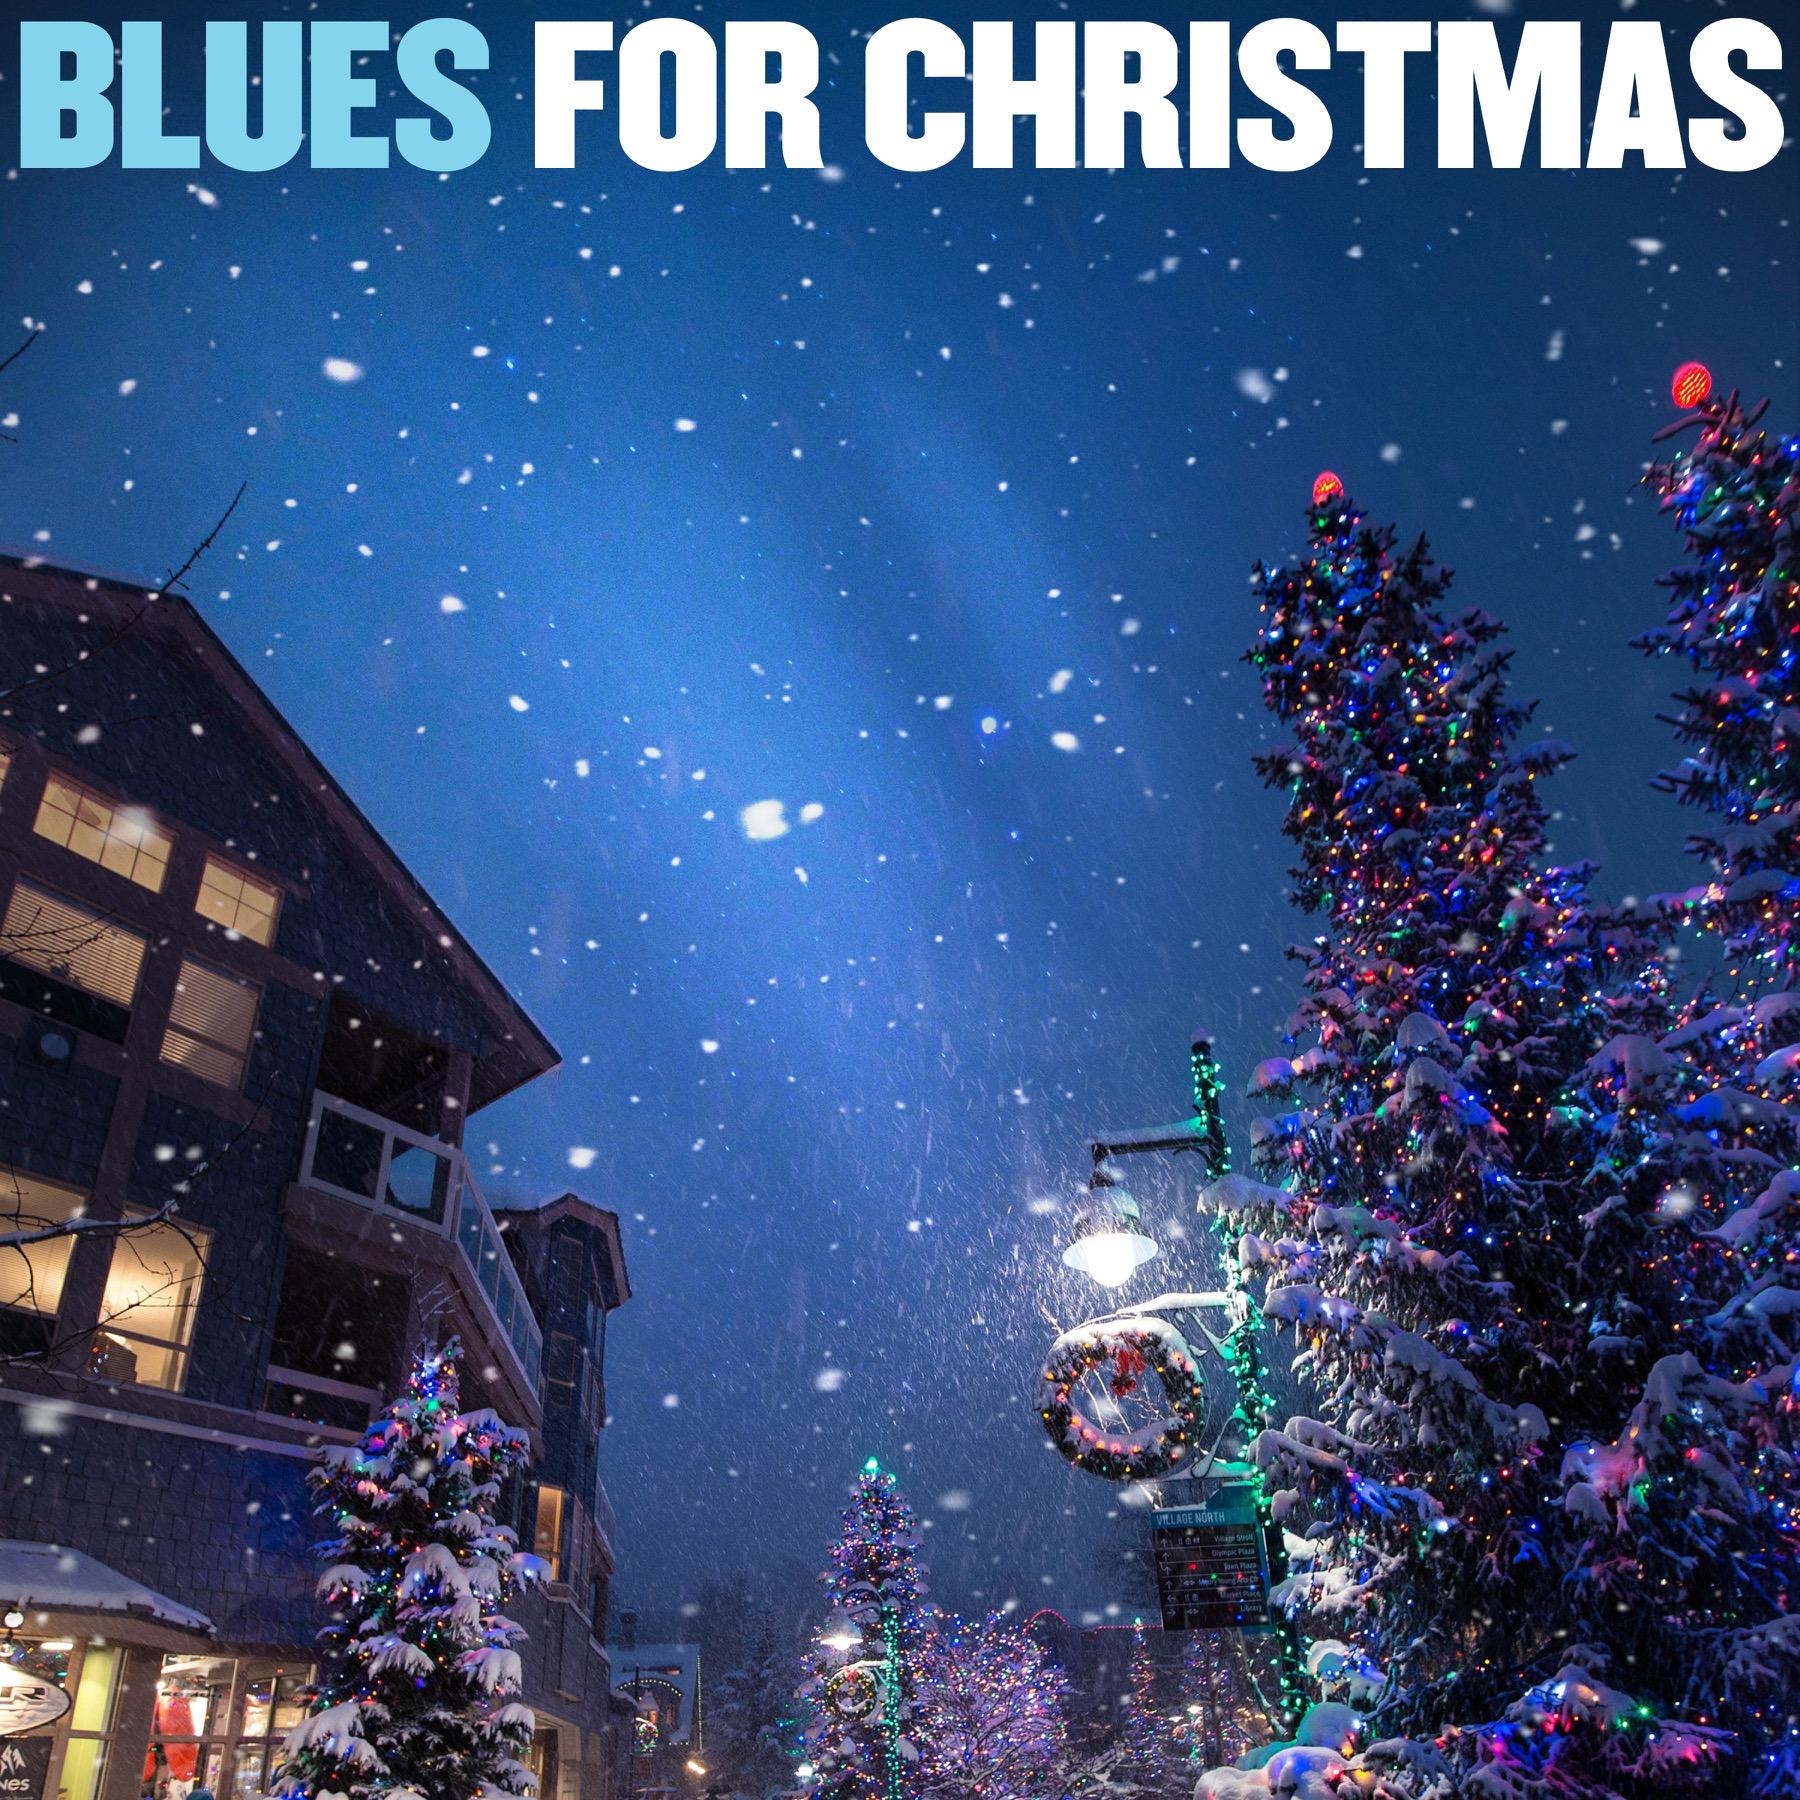 Cover Blues For Christmas (Pas disponible sur Disque Compact - disponible uniquement via les plateformes numériques seulem ent/Not available on CD - available through digital platforms only) https://bit.ly/36395kQ